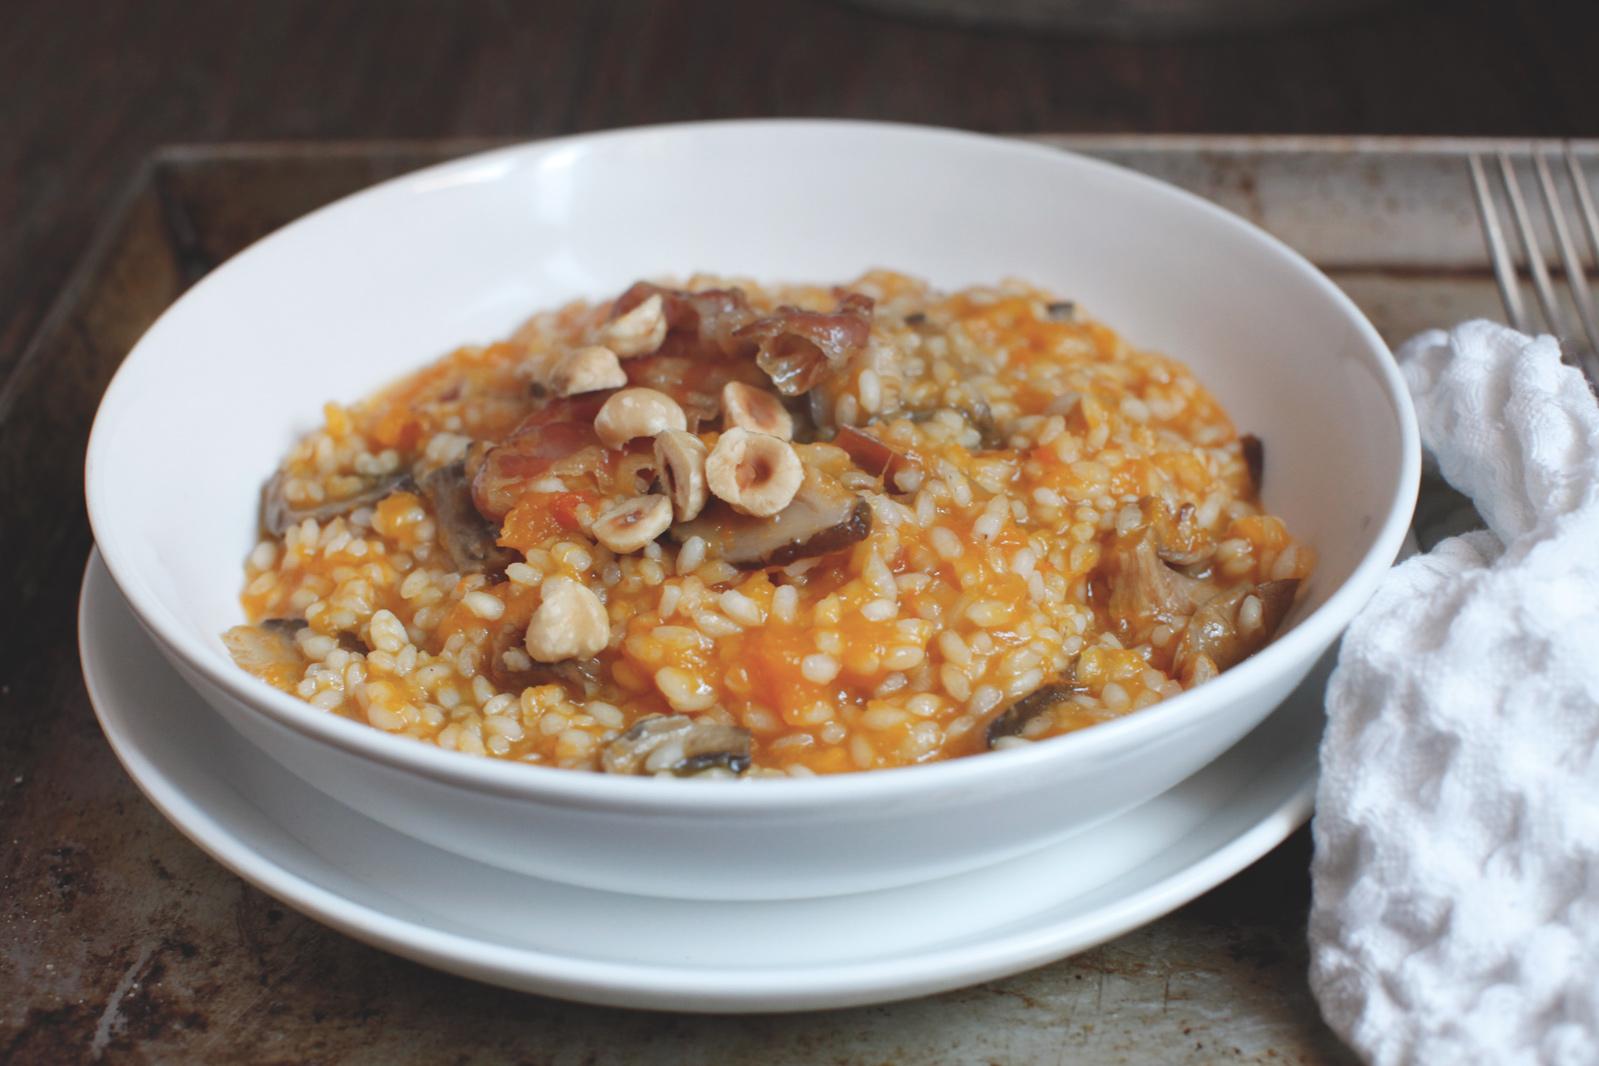 pici-e-castagne-risotto-zucca-nocciole-pancetta-e-funghi-3